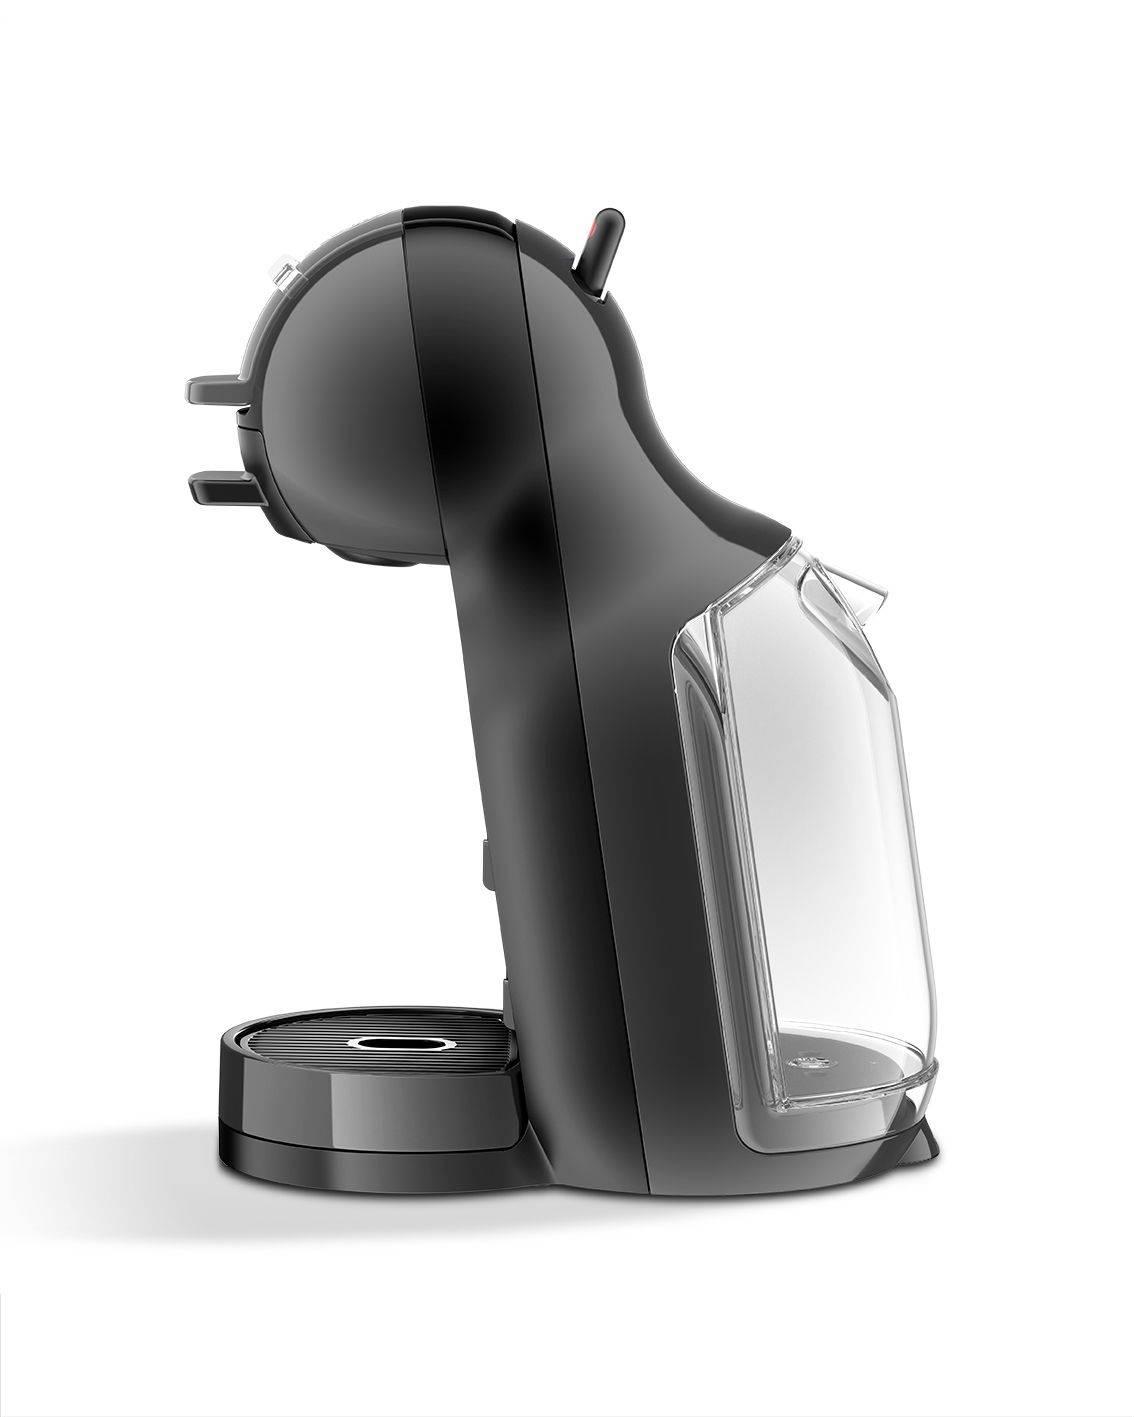 NESCAFÉ Dolce Gusto Mini Me Automatic Coffee Machine Black and Grey